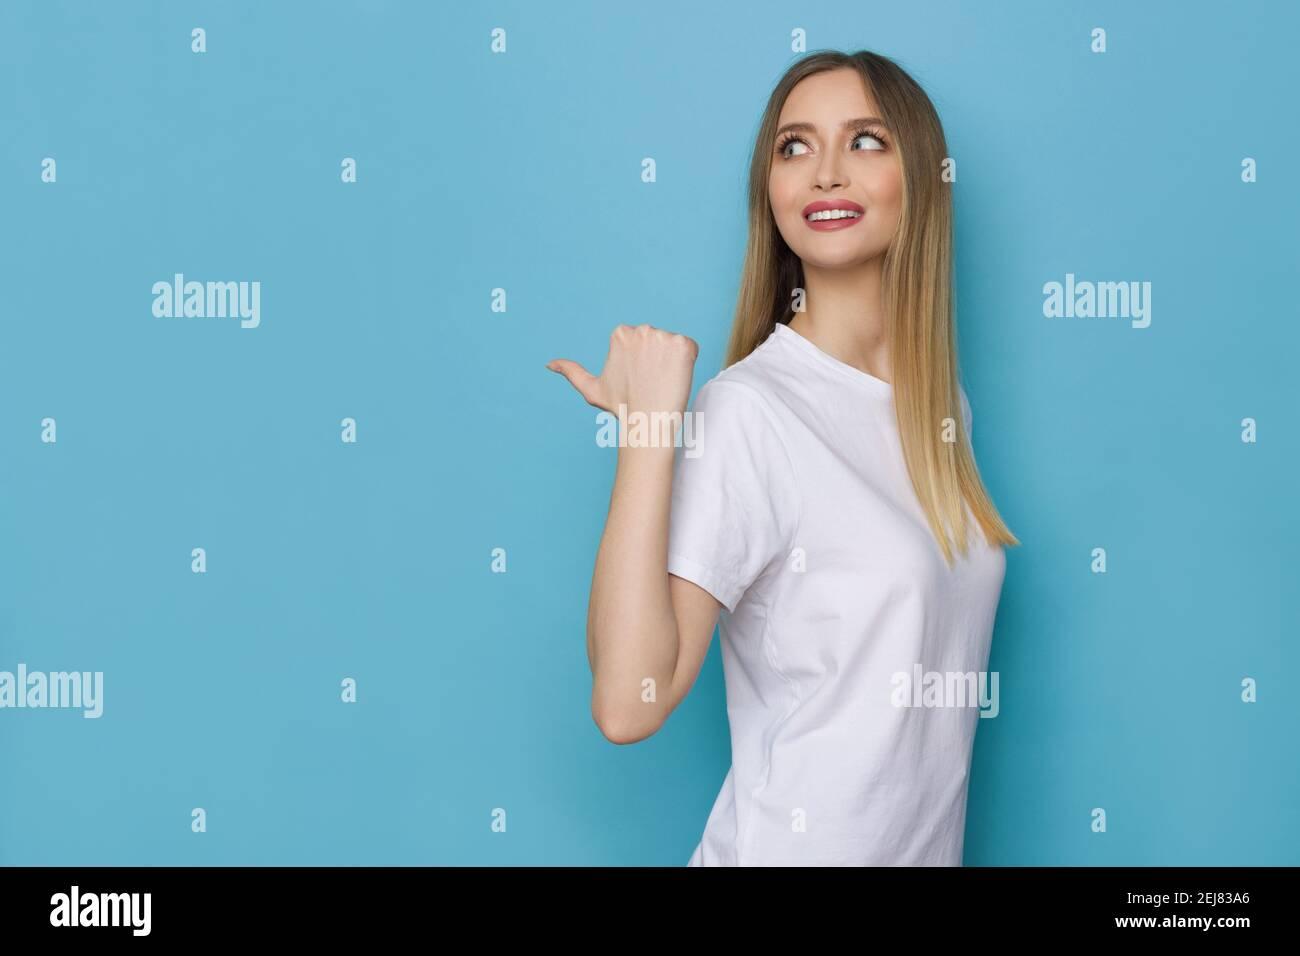 Sorridente giovane donna in camicia bianca sta puntando dietro di sé con il pollice e guardando via. Vista laterale. Girata in casa su sfondo blu. Foto Stock